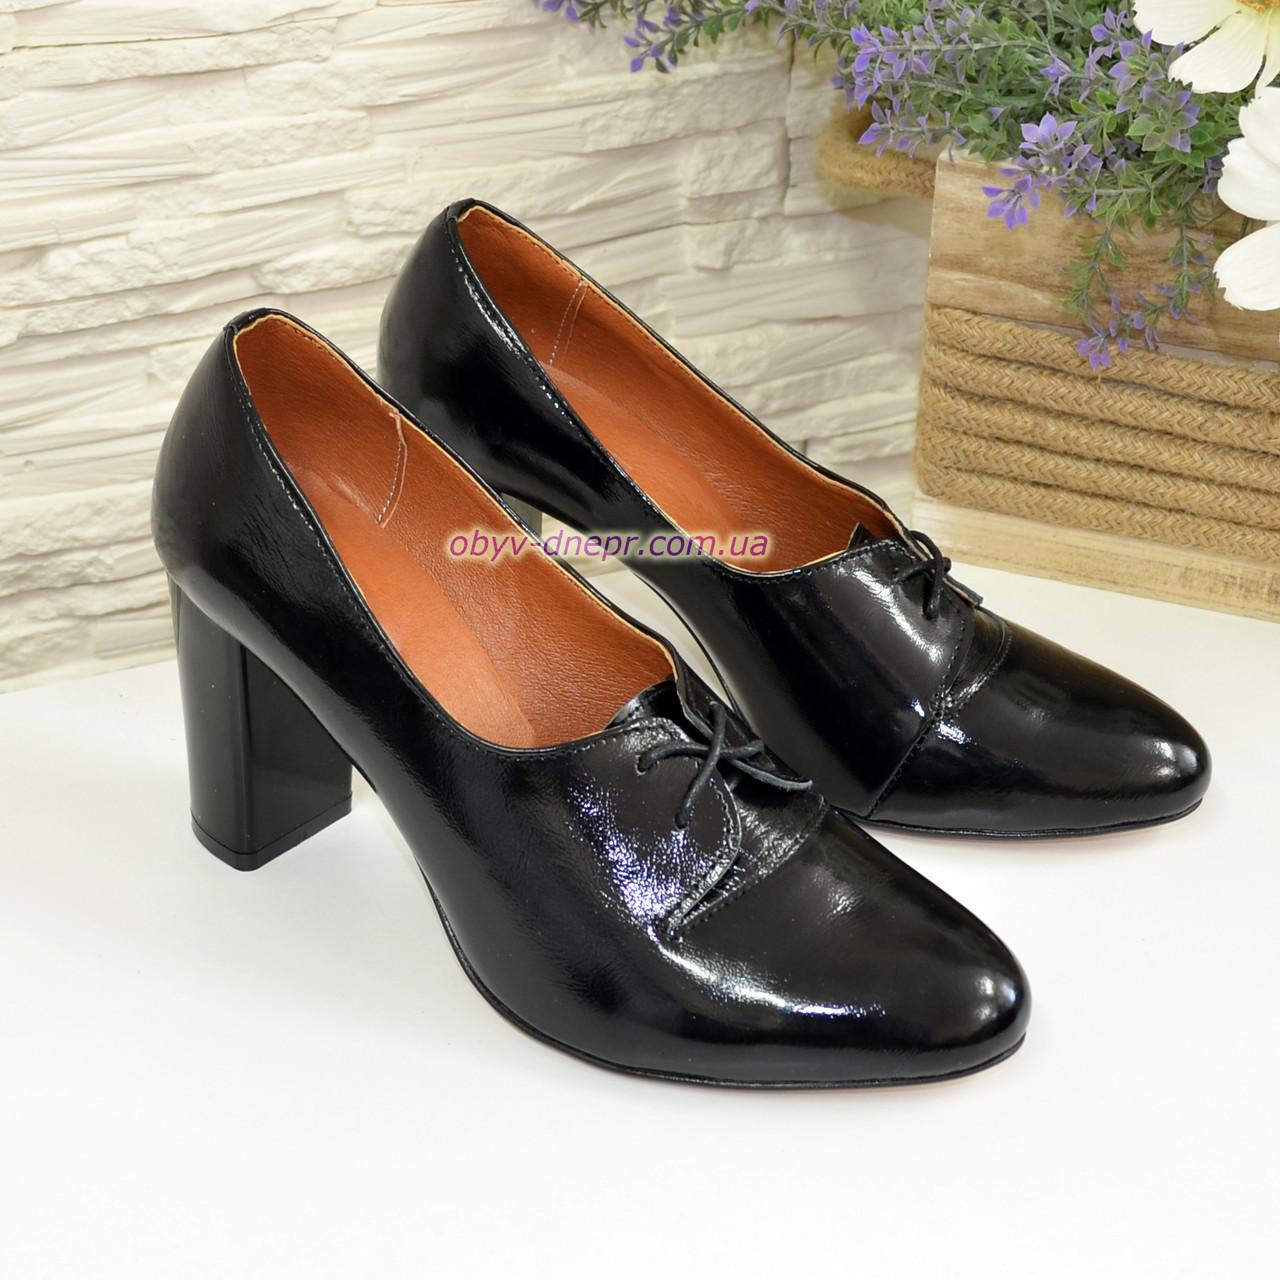 Женские классические черные лаковые туфли высоком каблуке на шнуровке